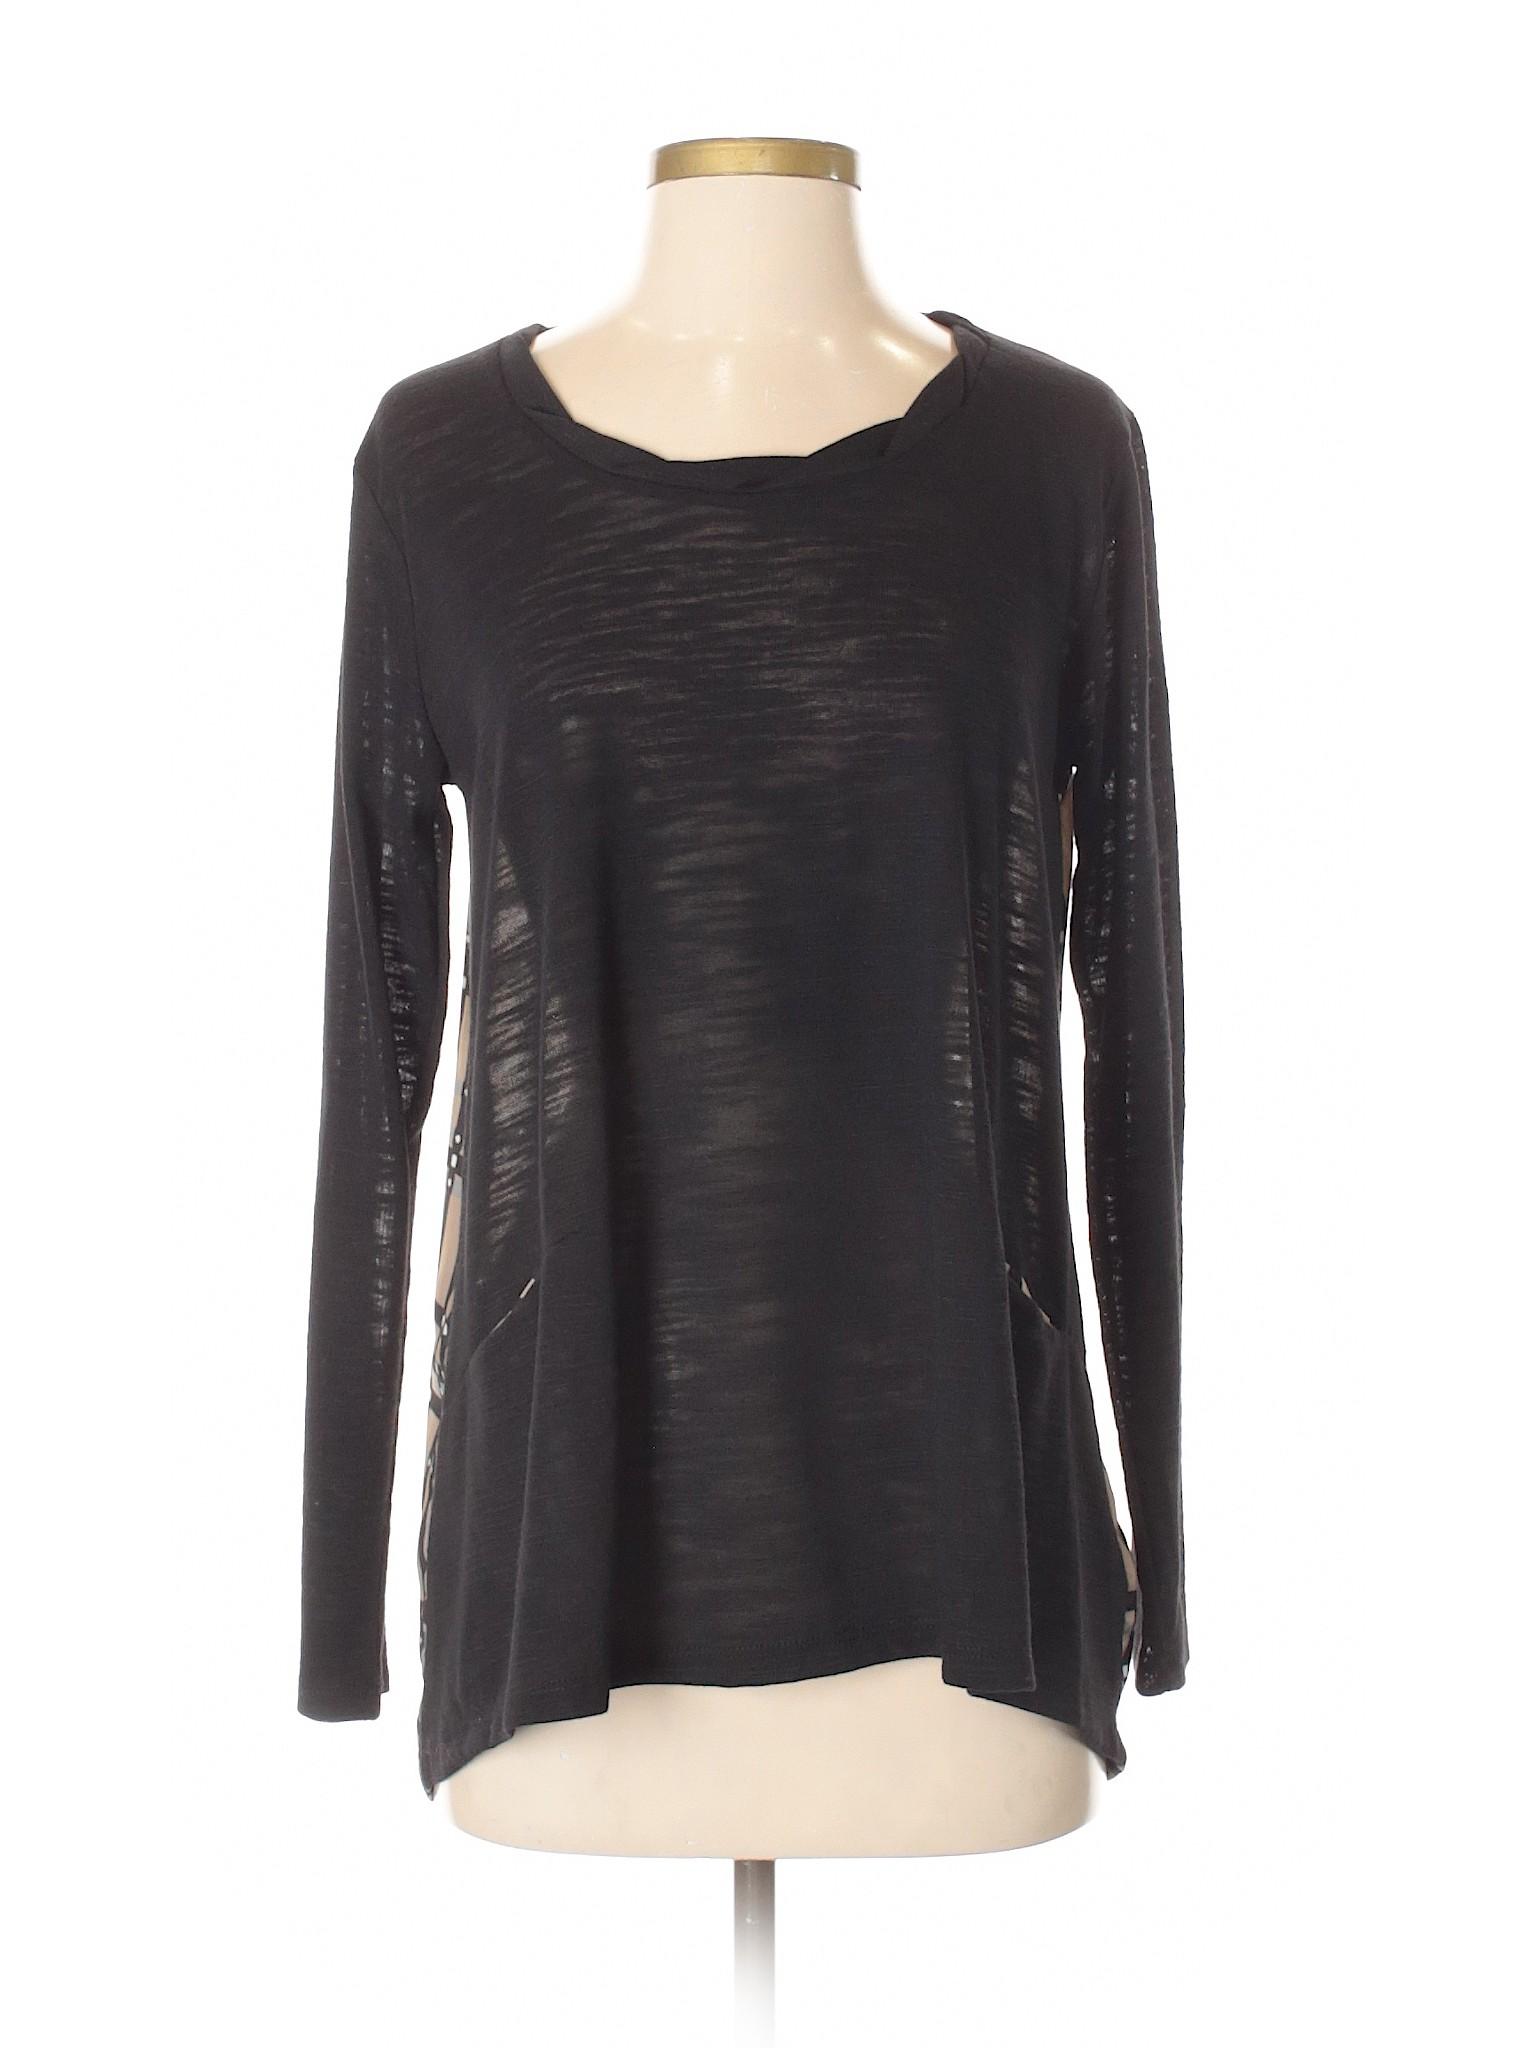 Boutique Boutique Pullover winter Sweater winter Peruzzi R5qagw